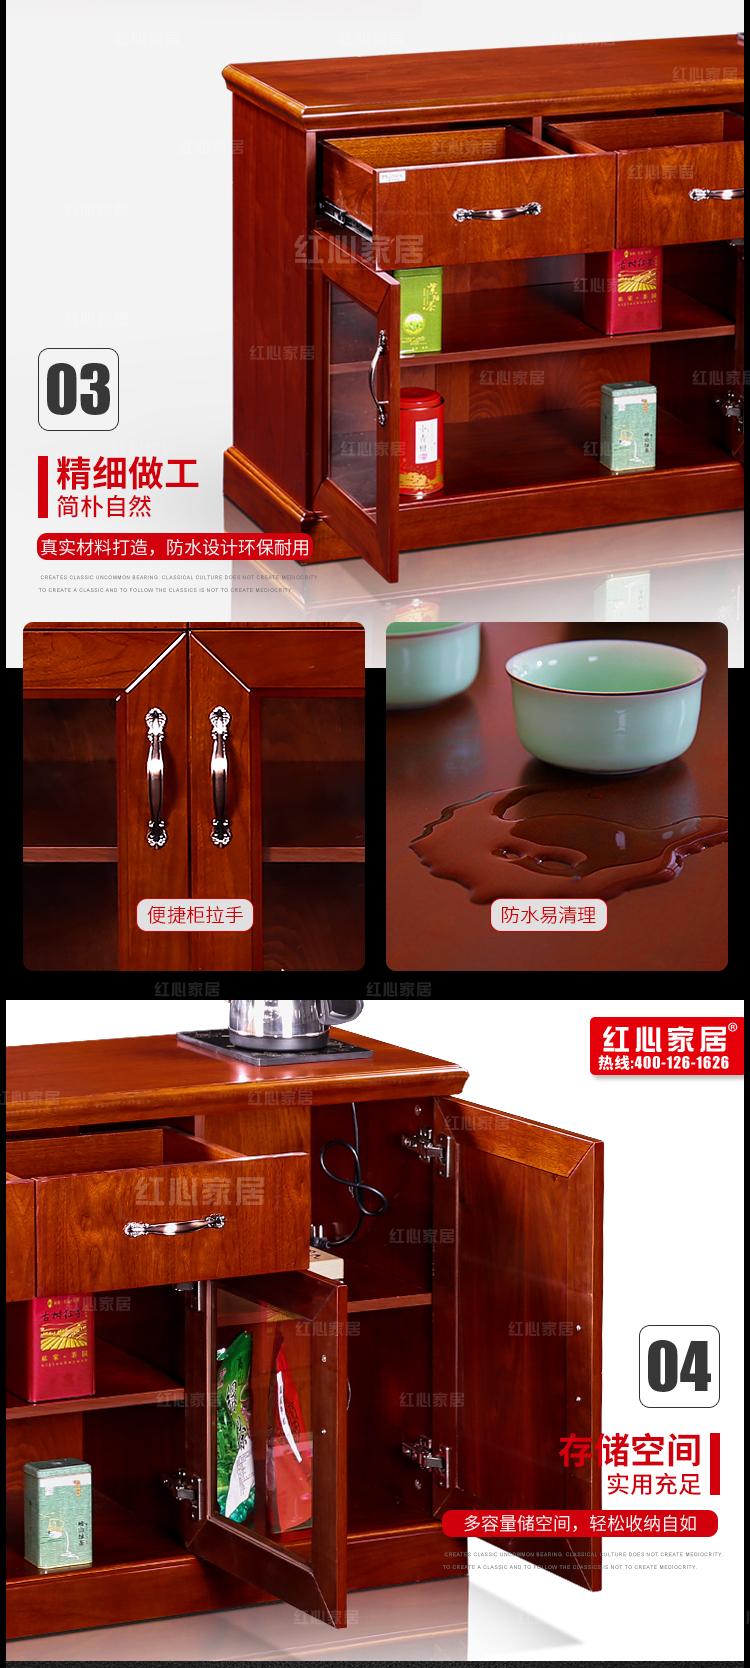 '茶水柜_11'